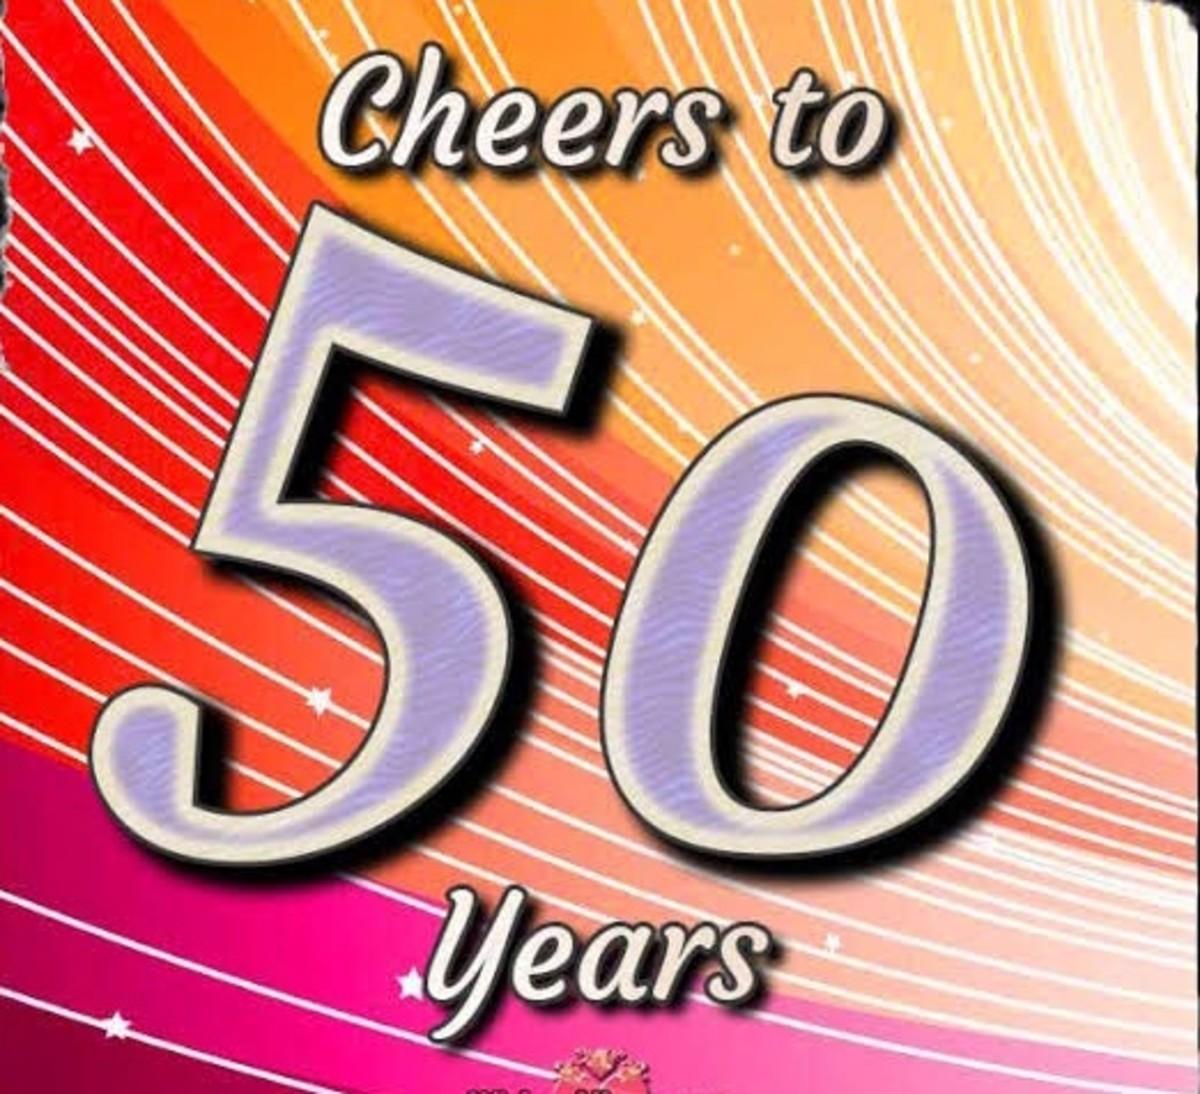 Life begins at 50.